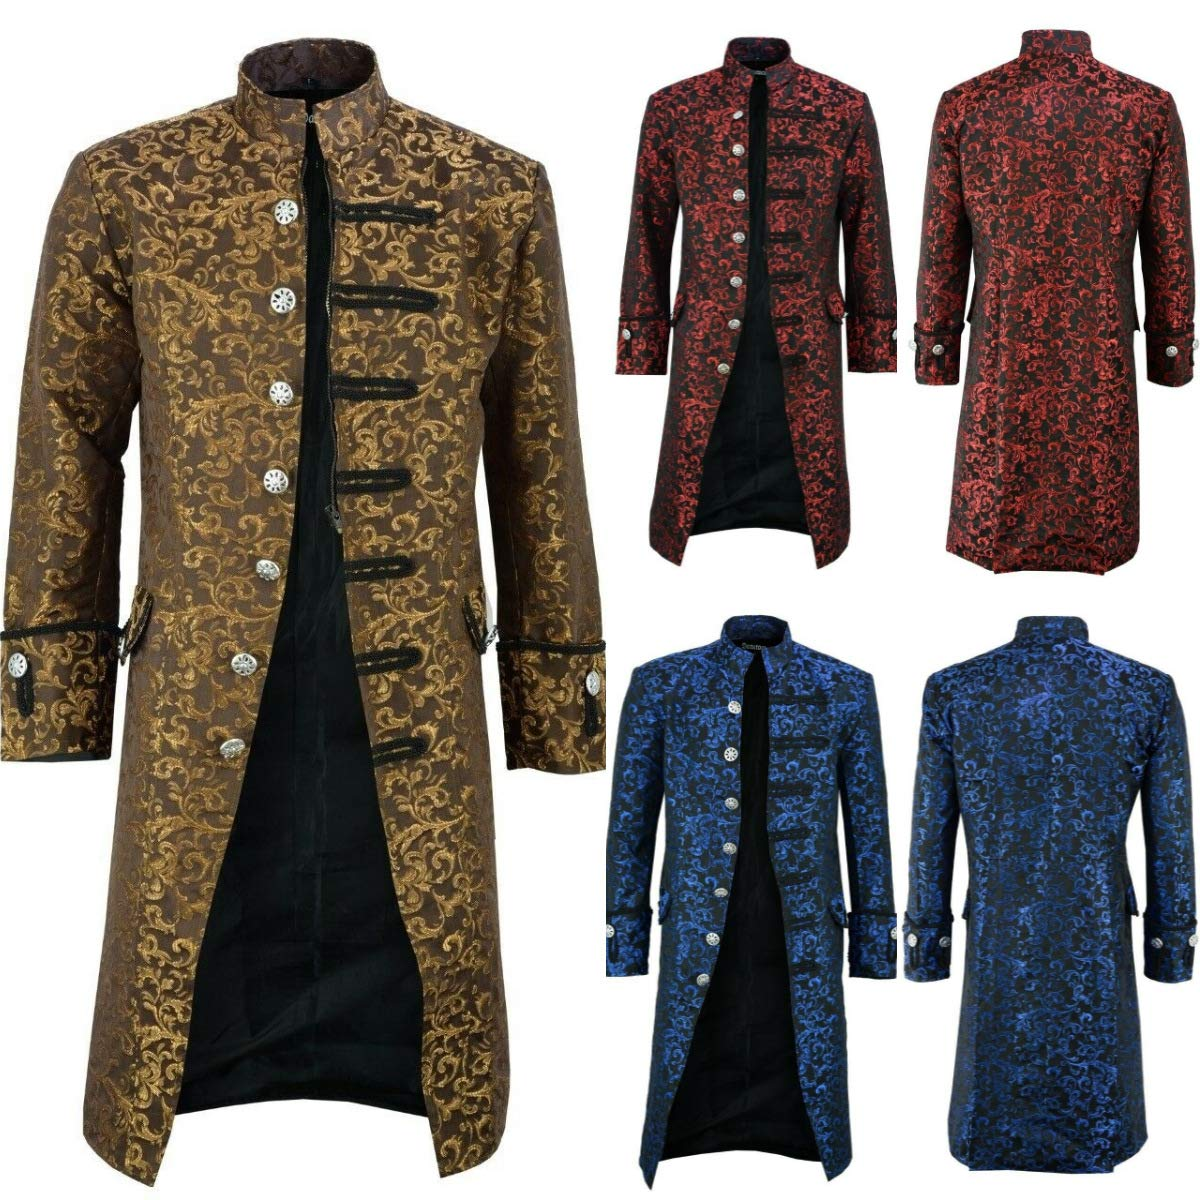 VERNASSA Costume da Uomo Cappotto Giacca Jacquard Steampunk Vittoriano Pirata Gotico Cosplay Abito Medievale di Halloween S-5XL